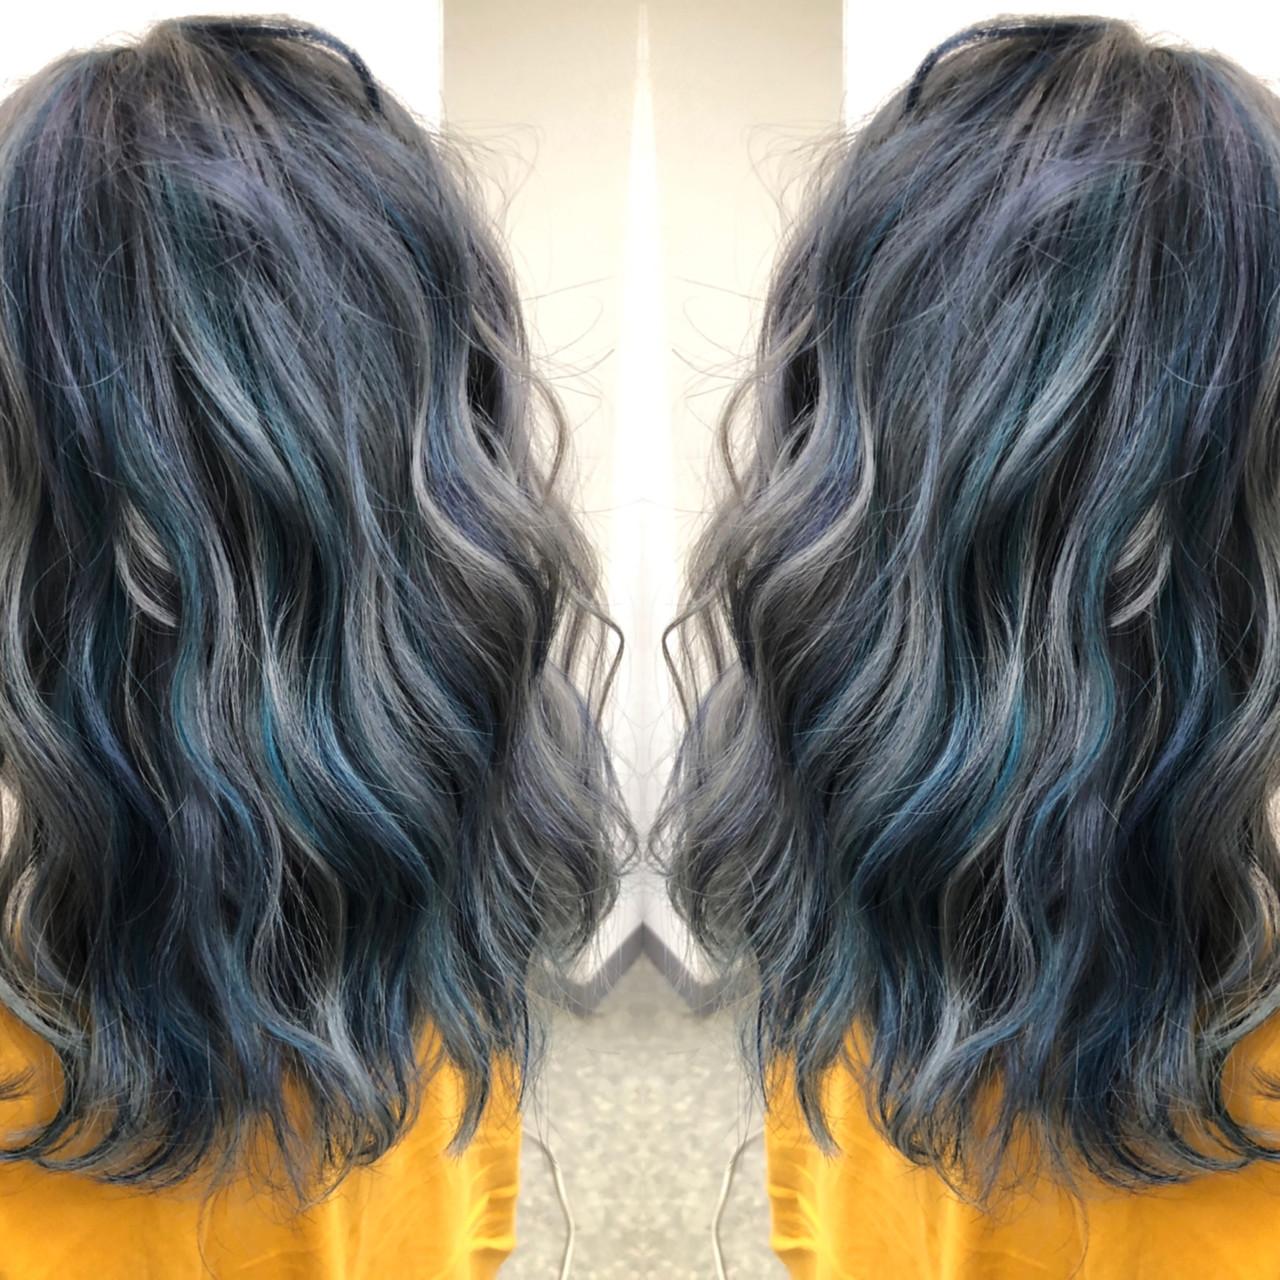 ミディアム ユニコーンカラー グラデーションカラー ハイライト ヘアスタイルや髪型の写真・画像